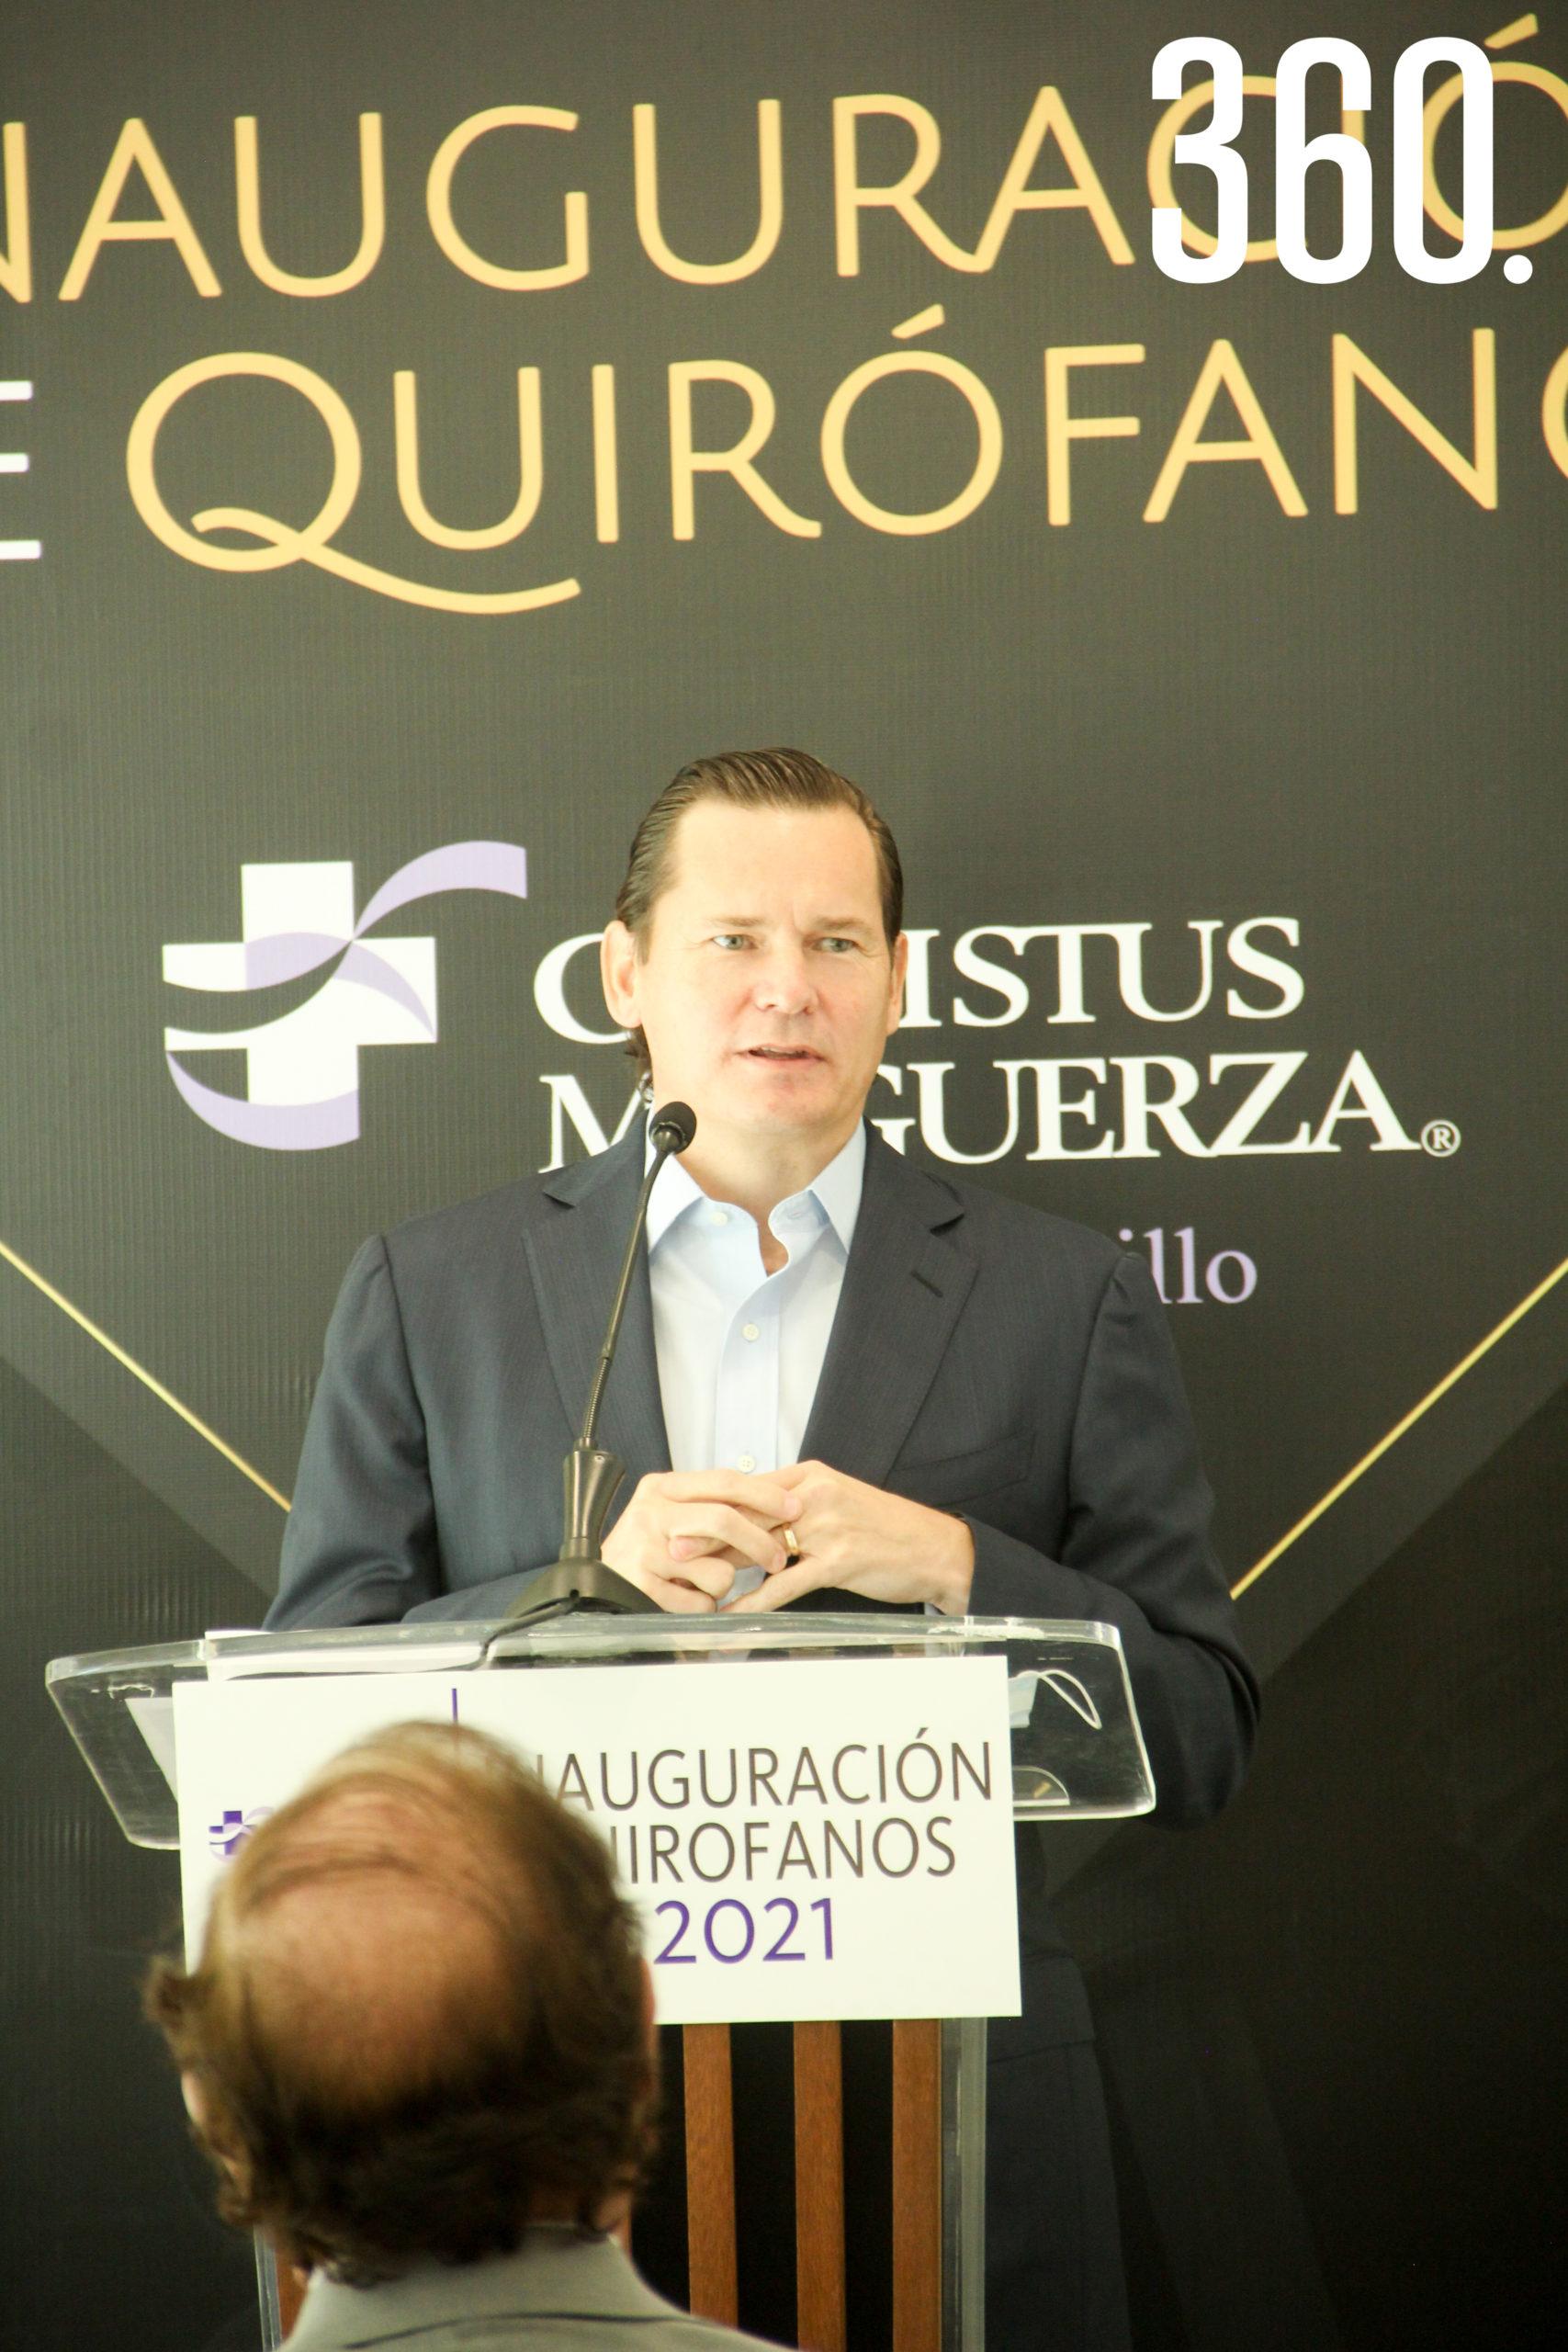 Mauricio Zambrano, Director de operaciones de Christus Muguerza.